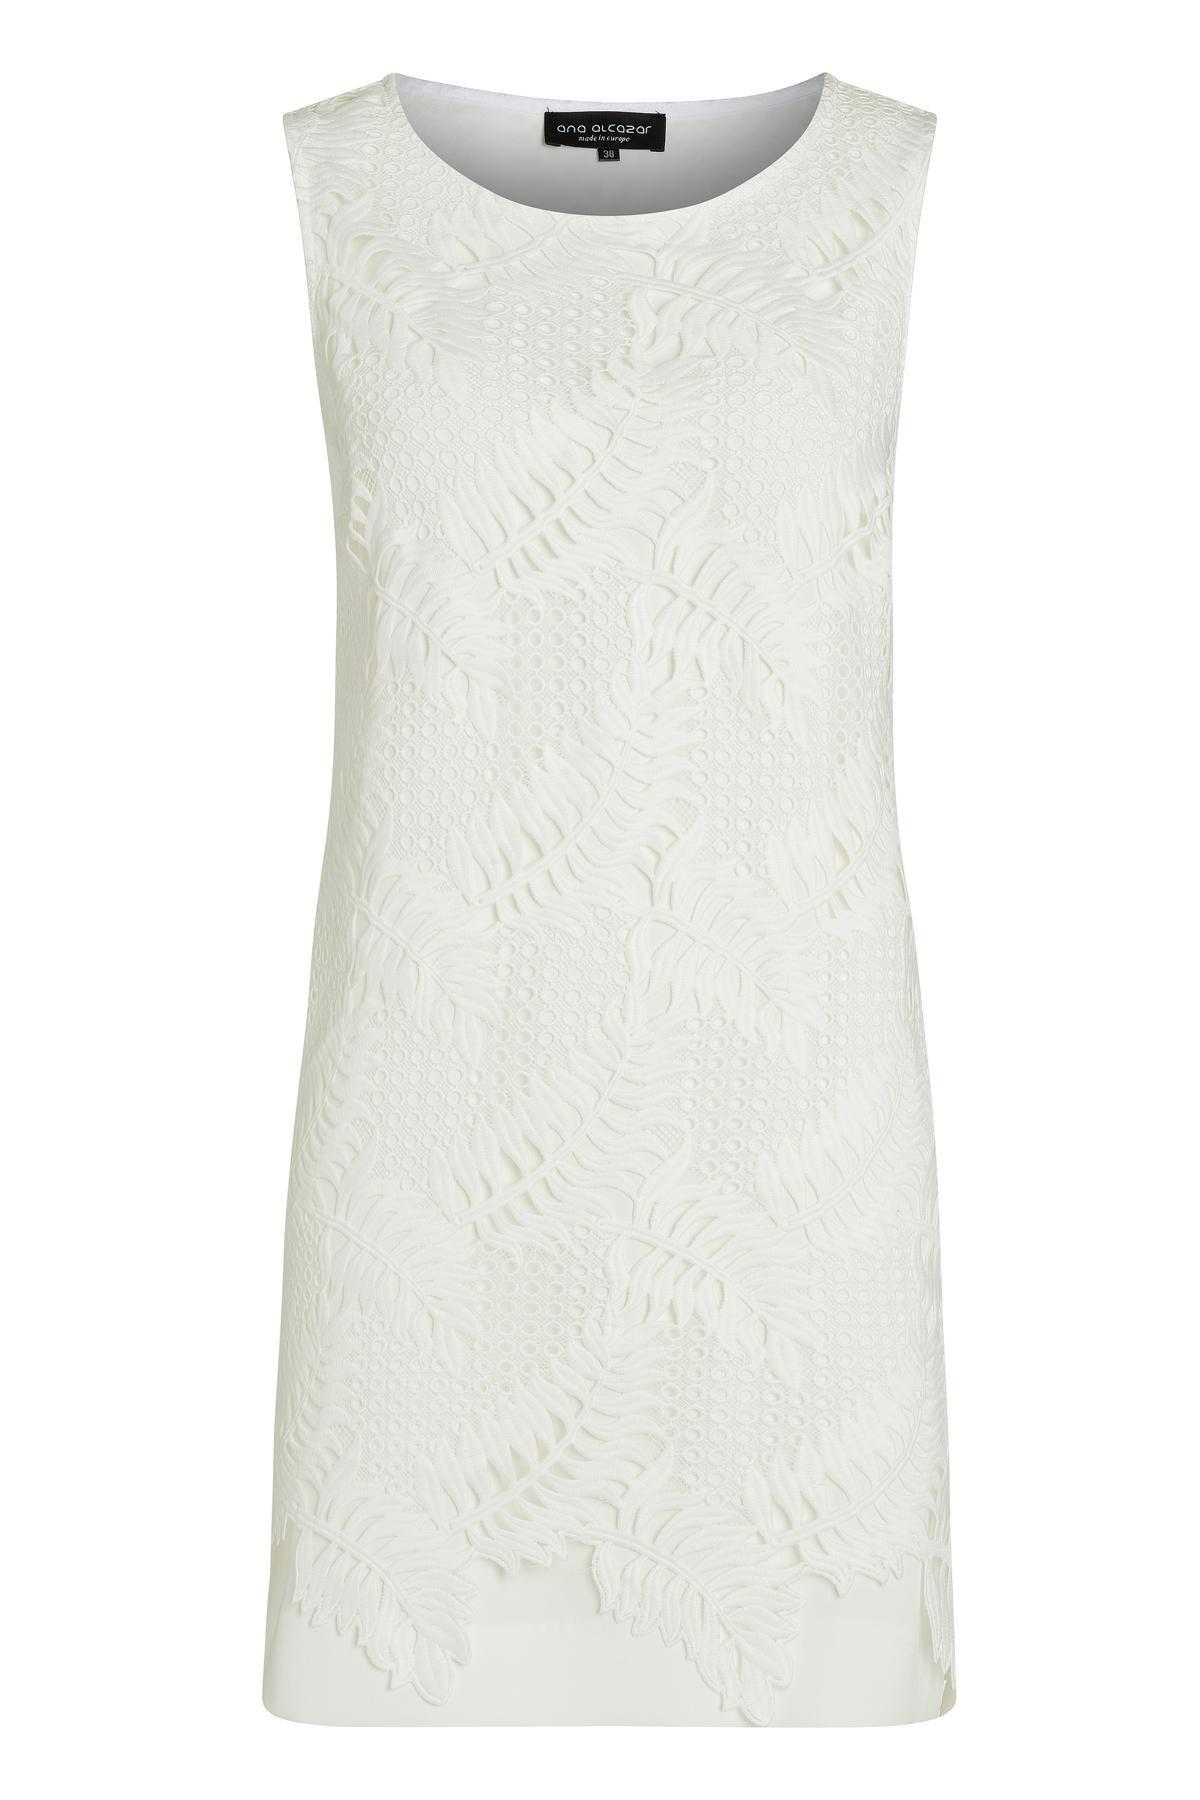 17 Cool Konfirmationskleider Weiß SpezialgebietFormal Wunderbar Konfirmationskleider Weiß Spezialgebiet